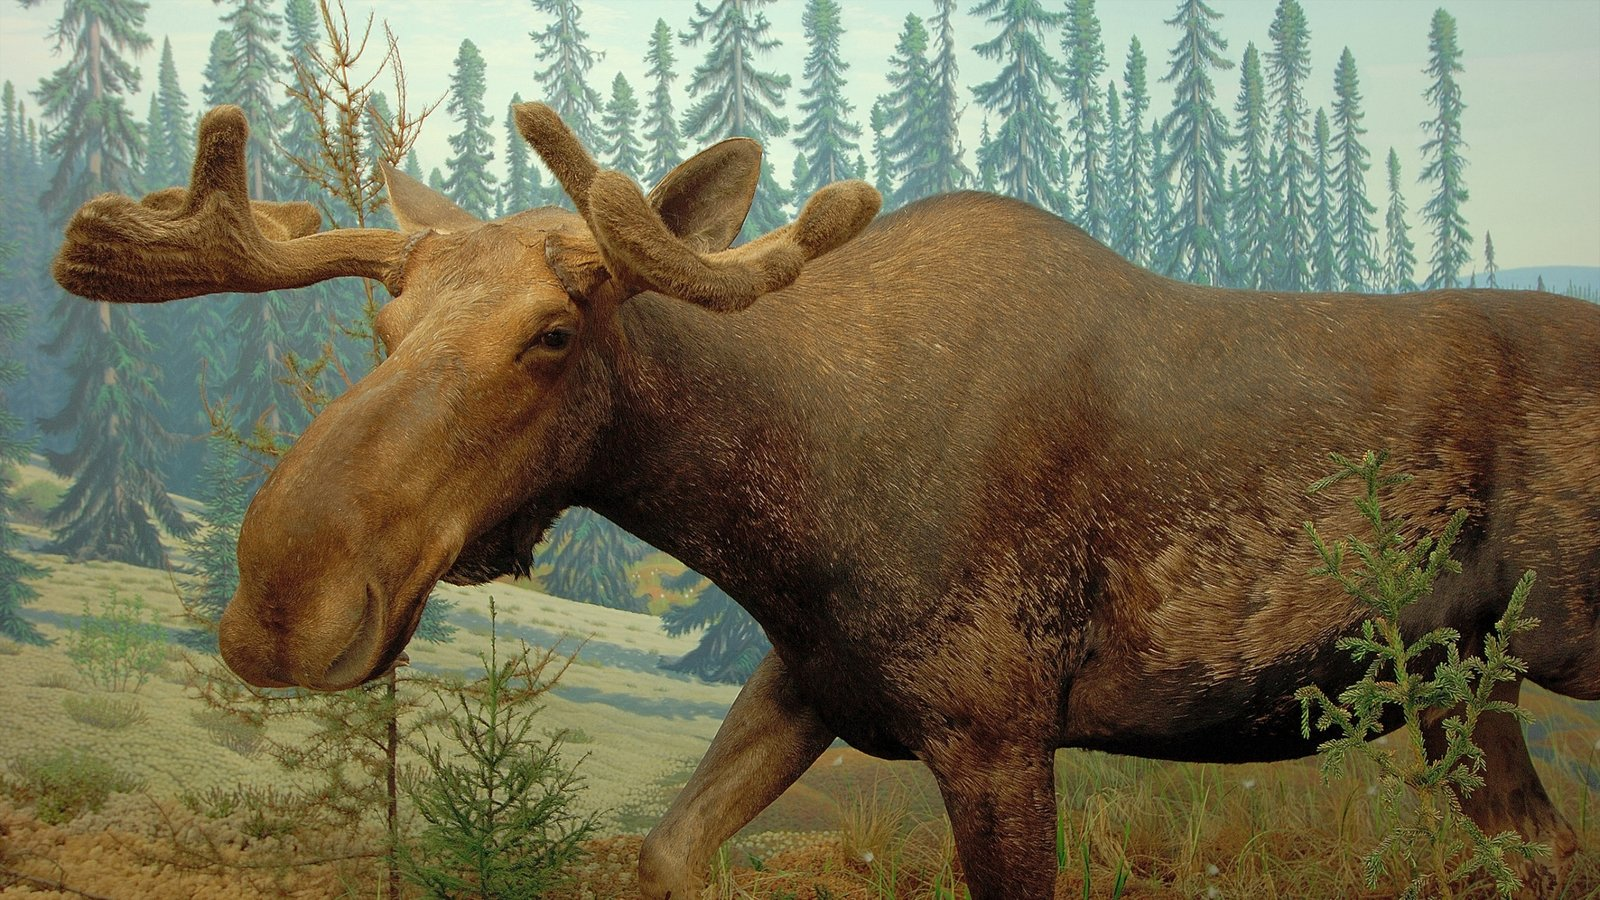 Regina showing land animals